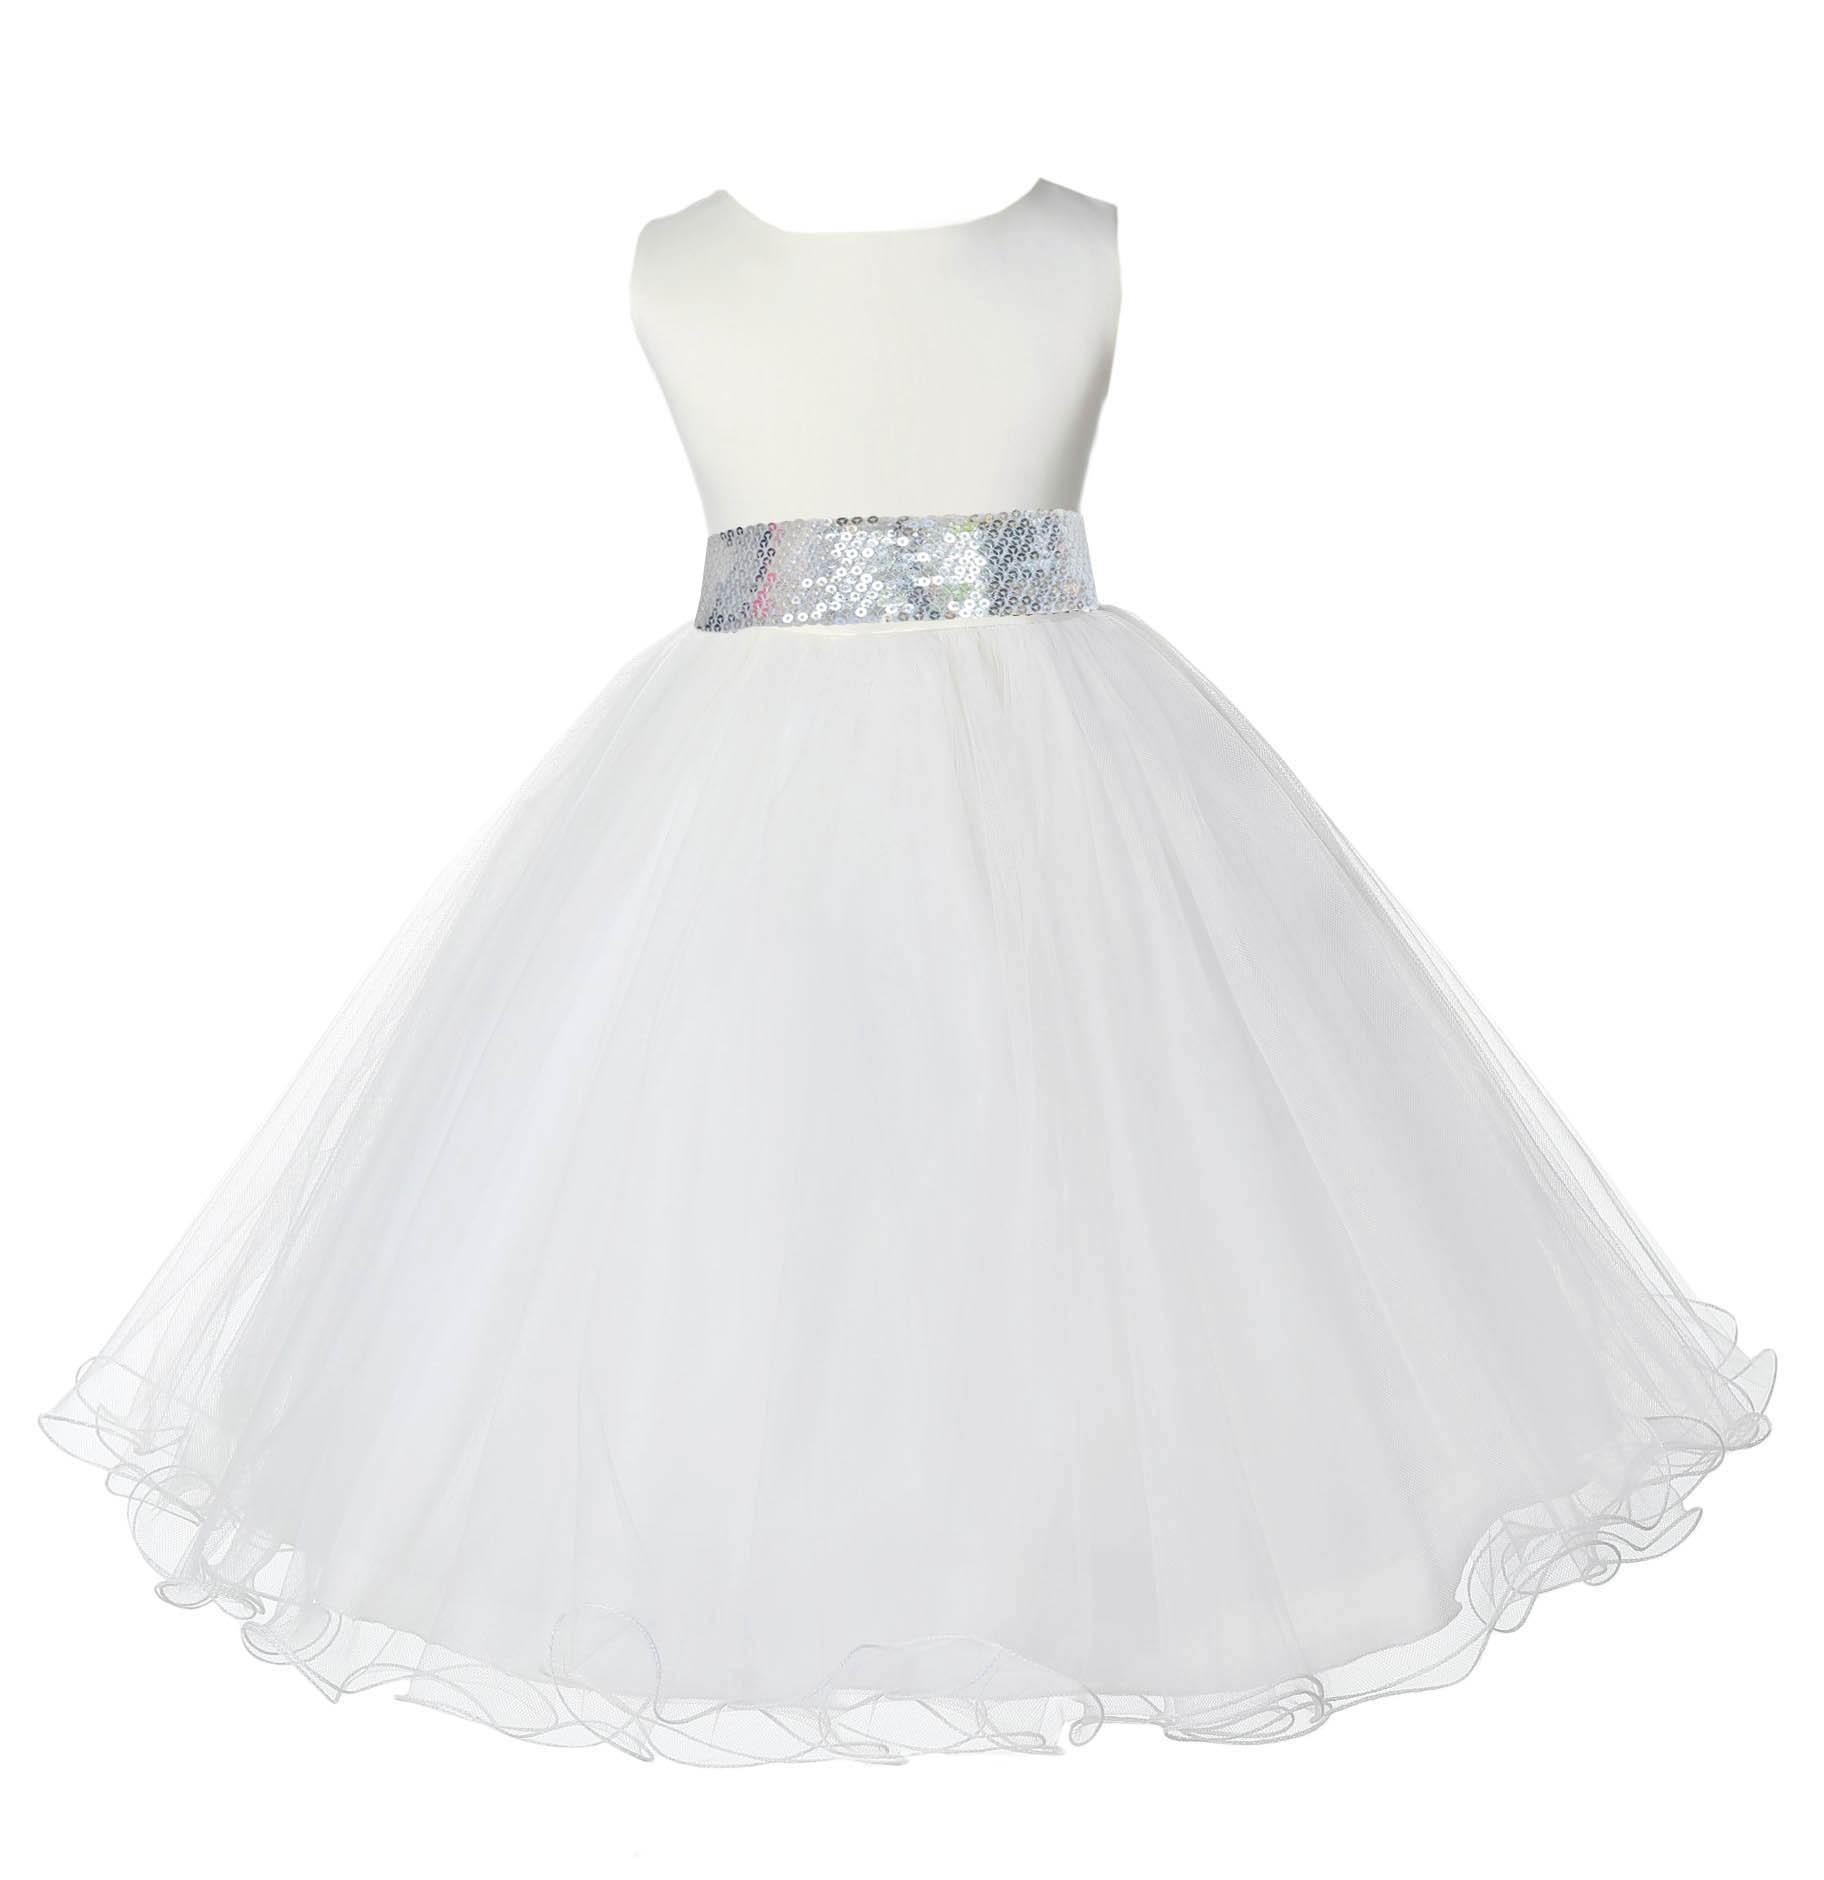 Ivory Tulle Rattail Edge Silver Sequin Sash Flower Girl Dress 829mh